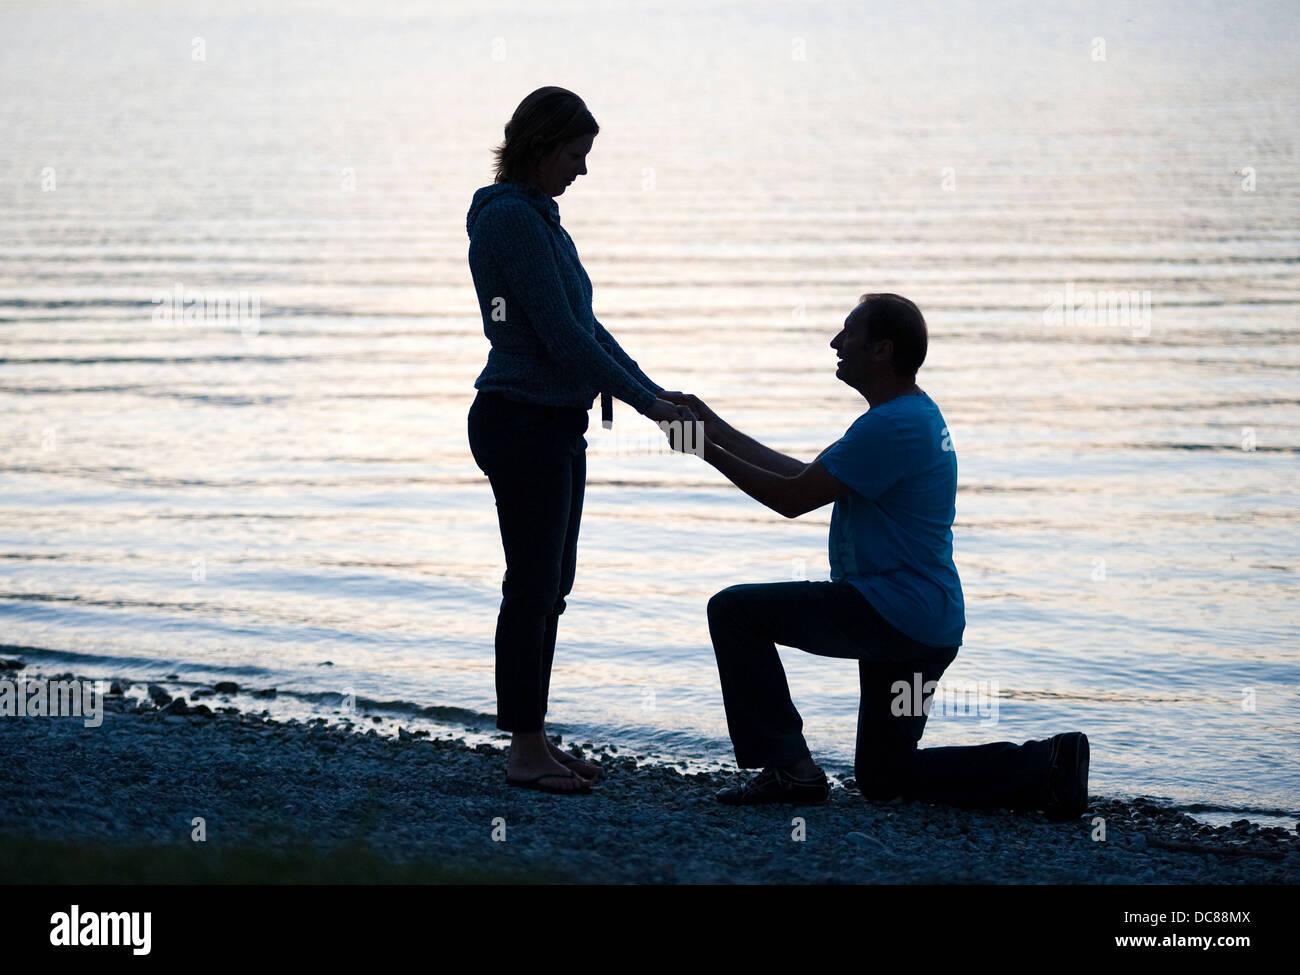 Un uomo sta facendo una proposta di matrimonio alla sua ragazza Immagini Stock